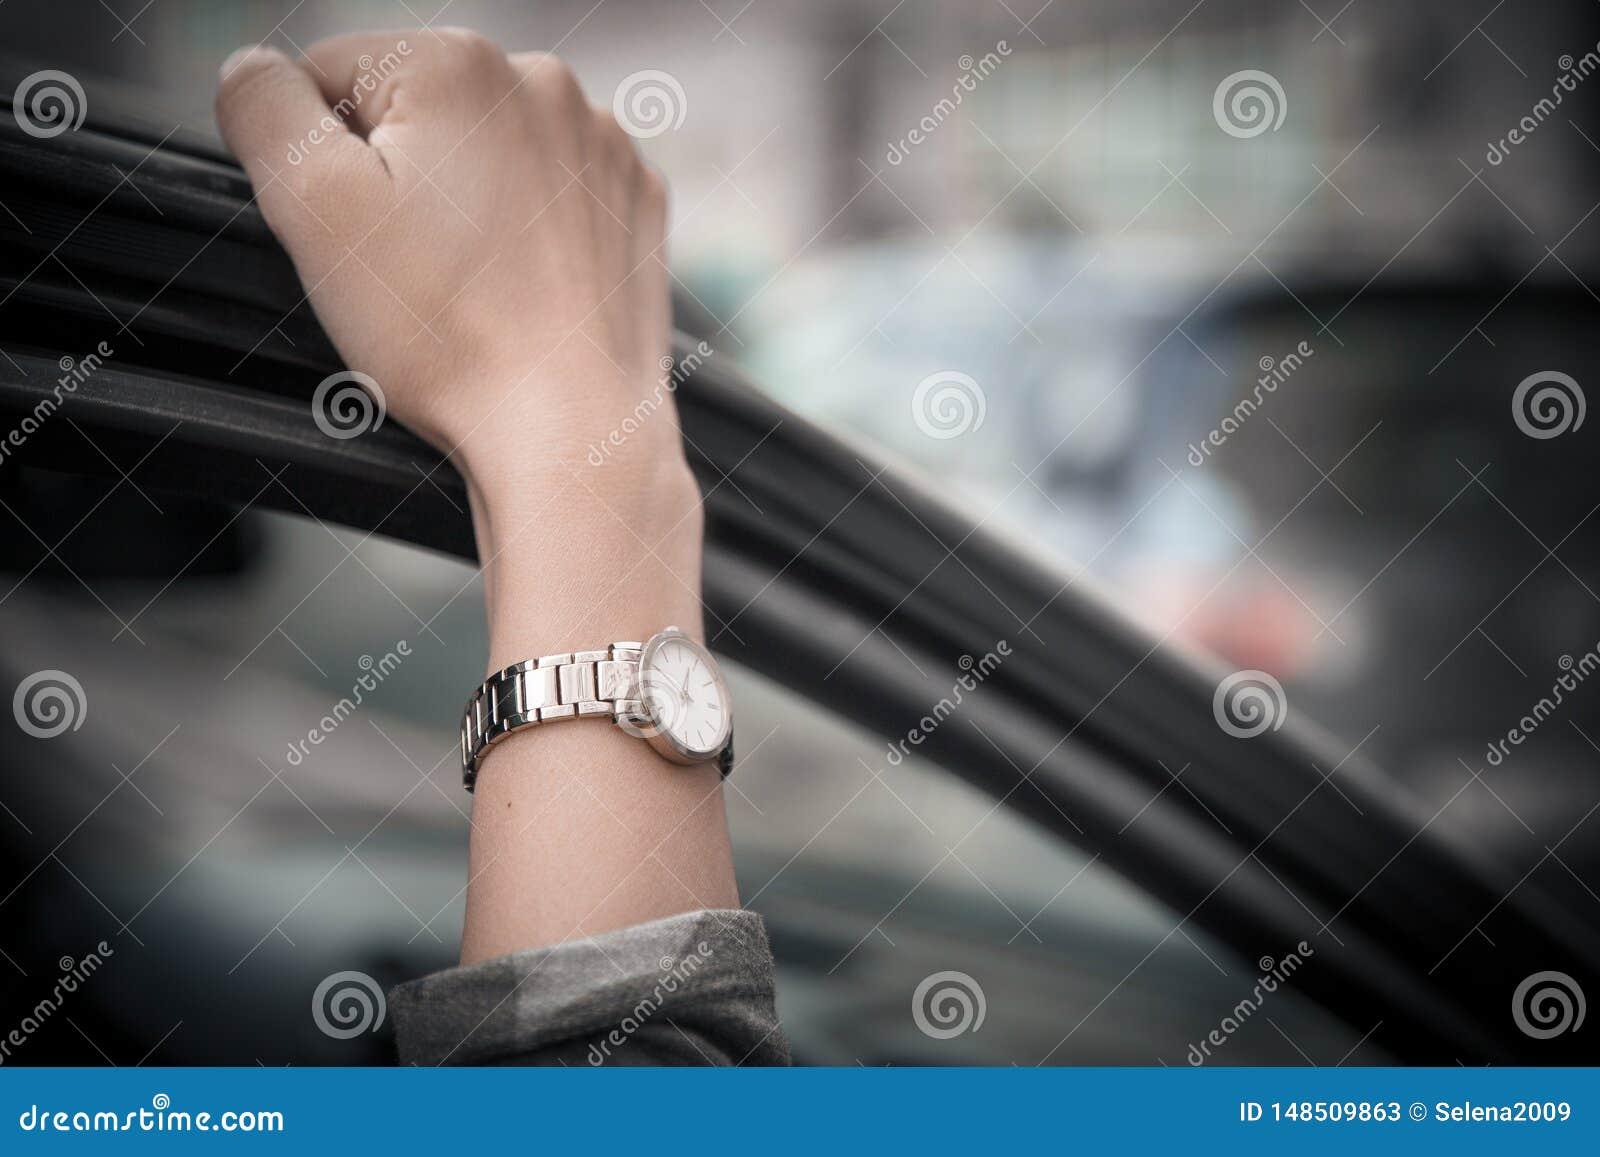 Kvinnors armbandsur p? flickans hand Flicka skyndsamt och att st? i en trafikstockning Time ?r pengar Mannen f?rlorar tid